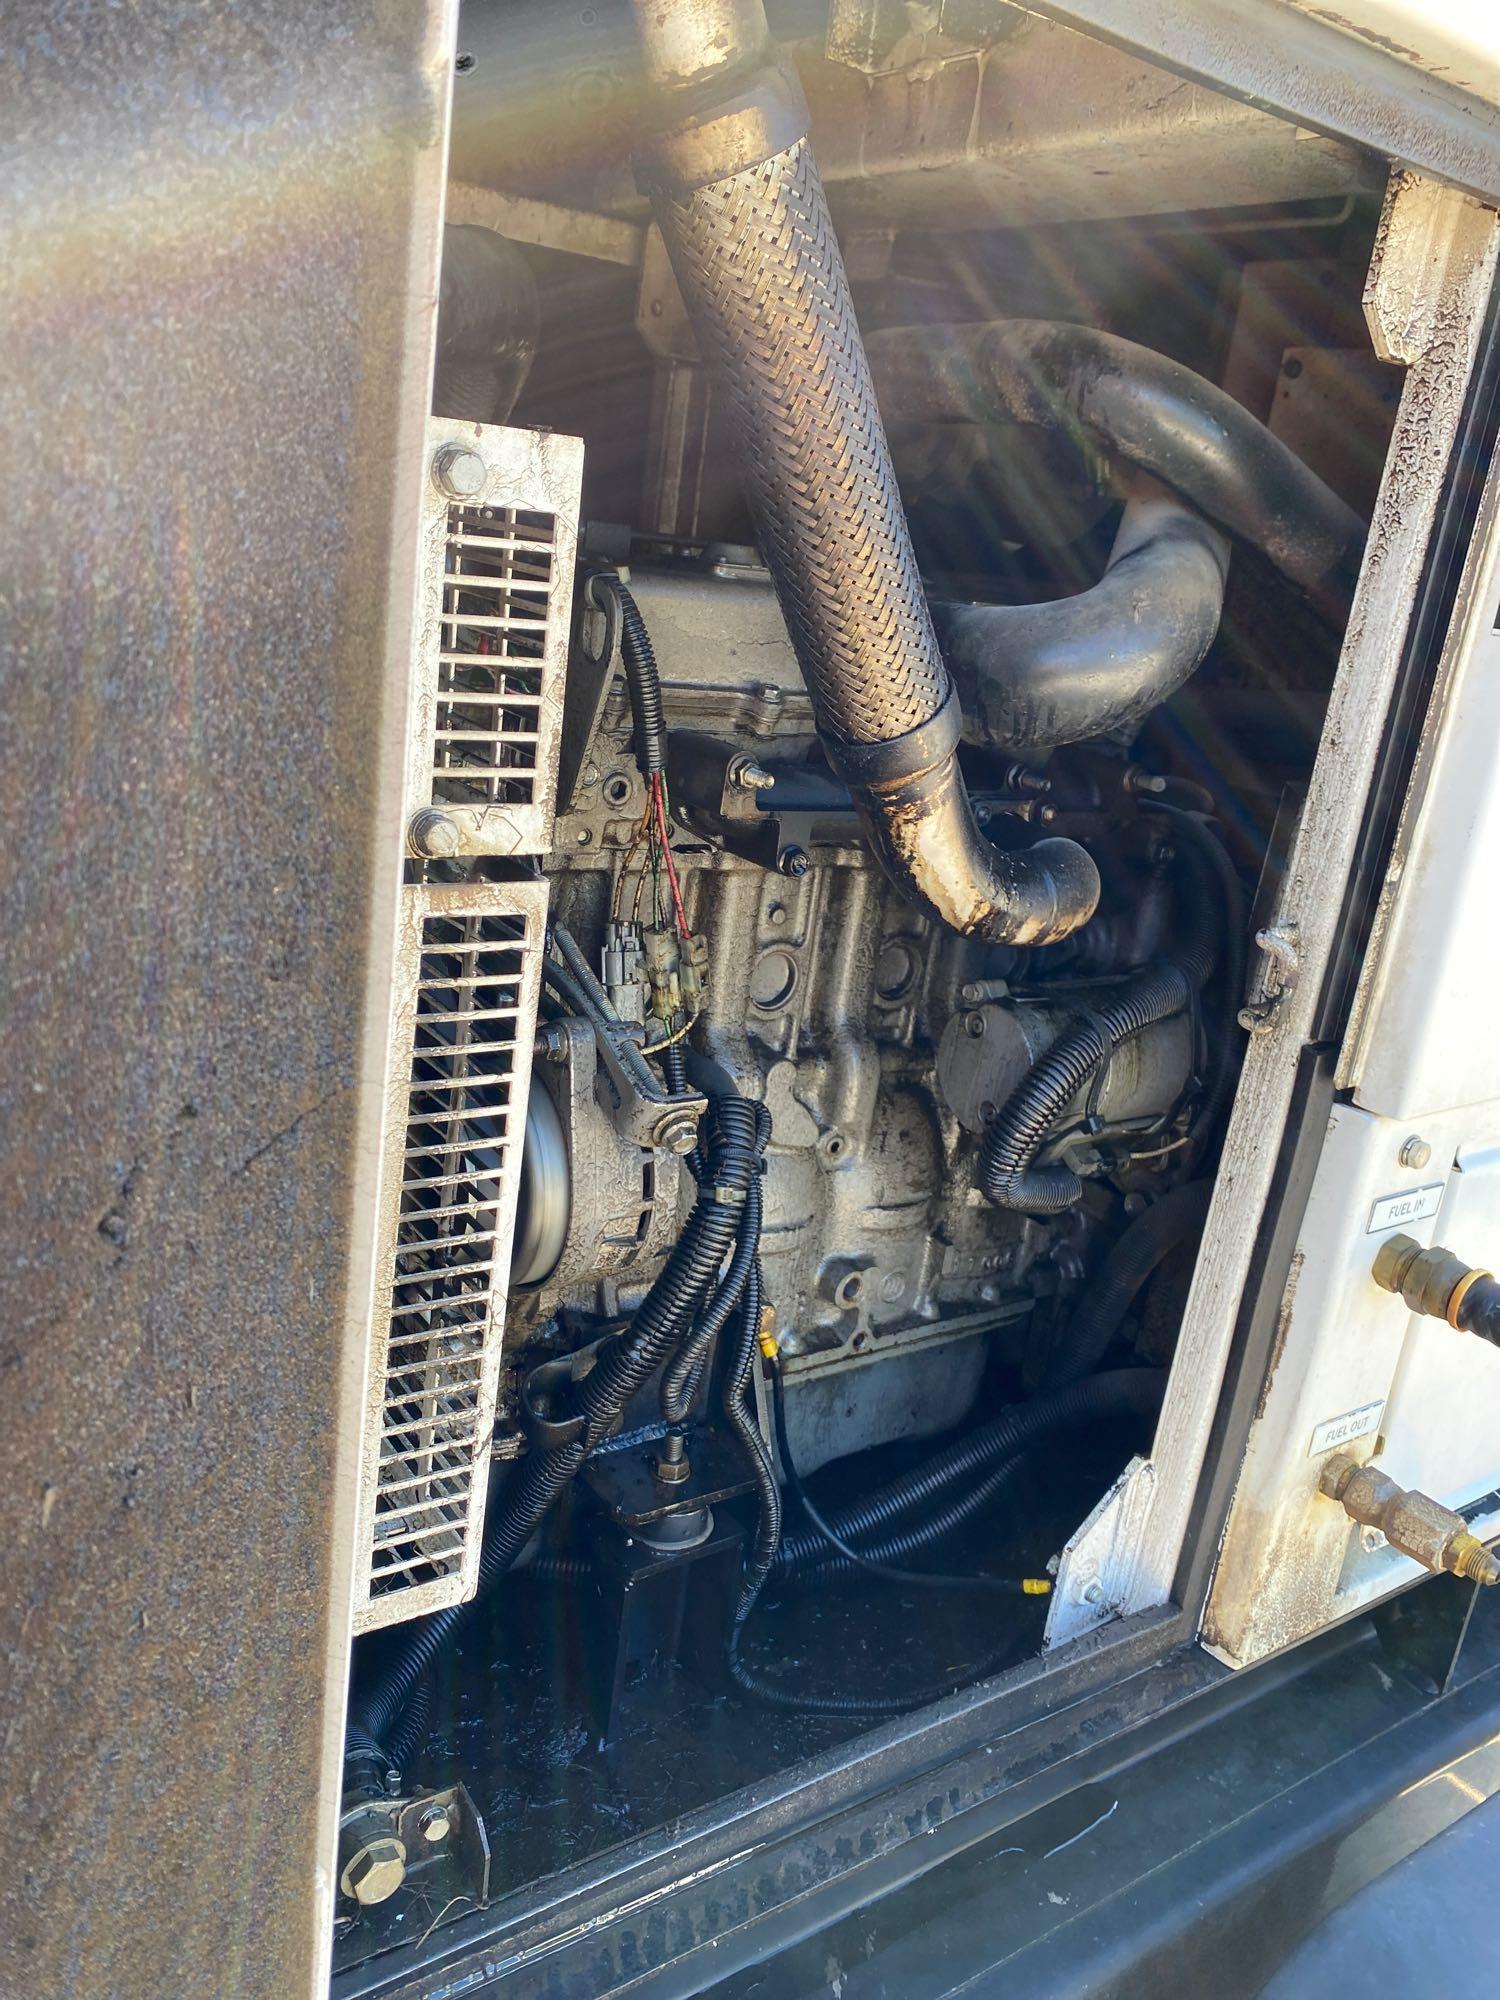 2011/2012 WHISPERWATT MQ POWER DIESEL GENERATOR, TRAILER MOUNTED, 20KW, 25KVA, RUNS AND OPERATES - Image 16 of 20